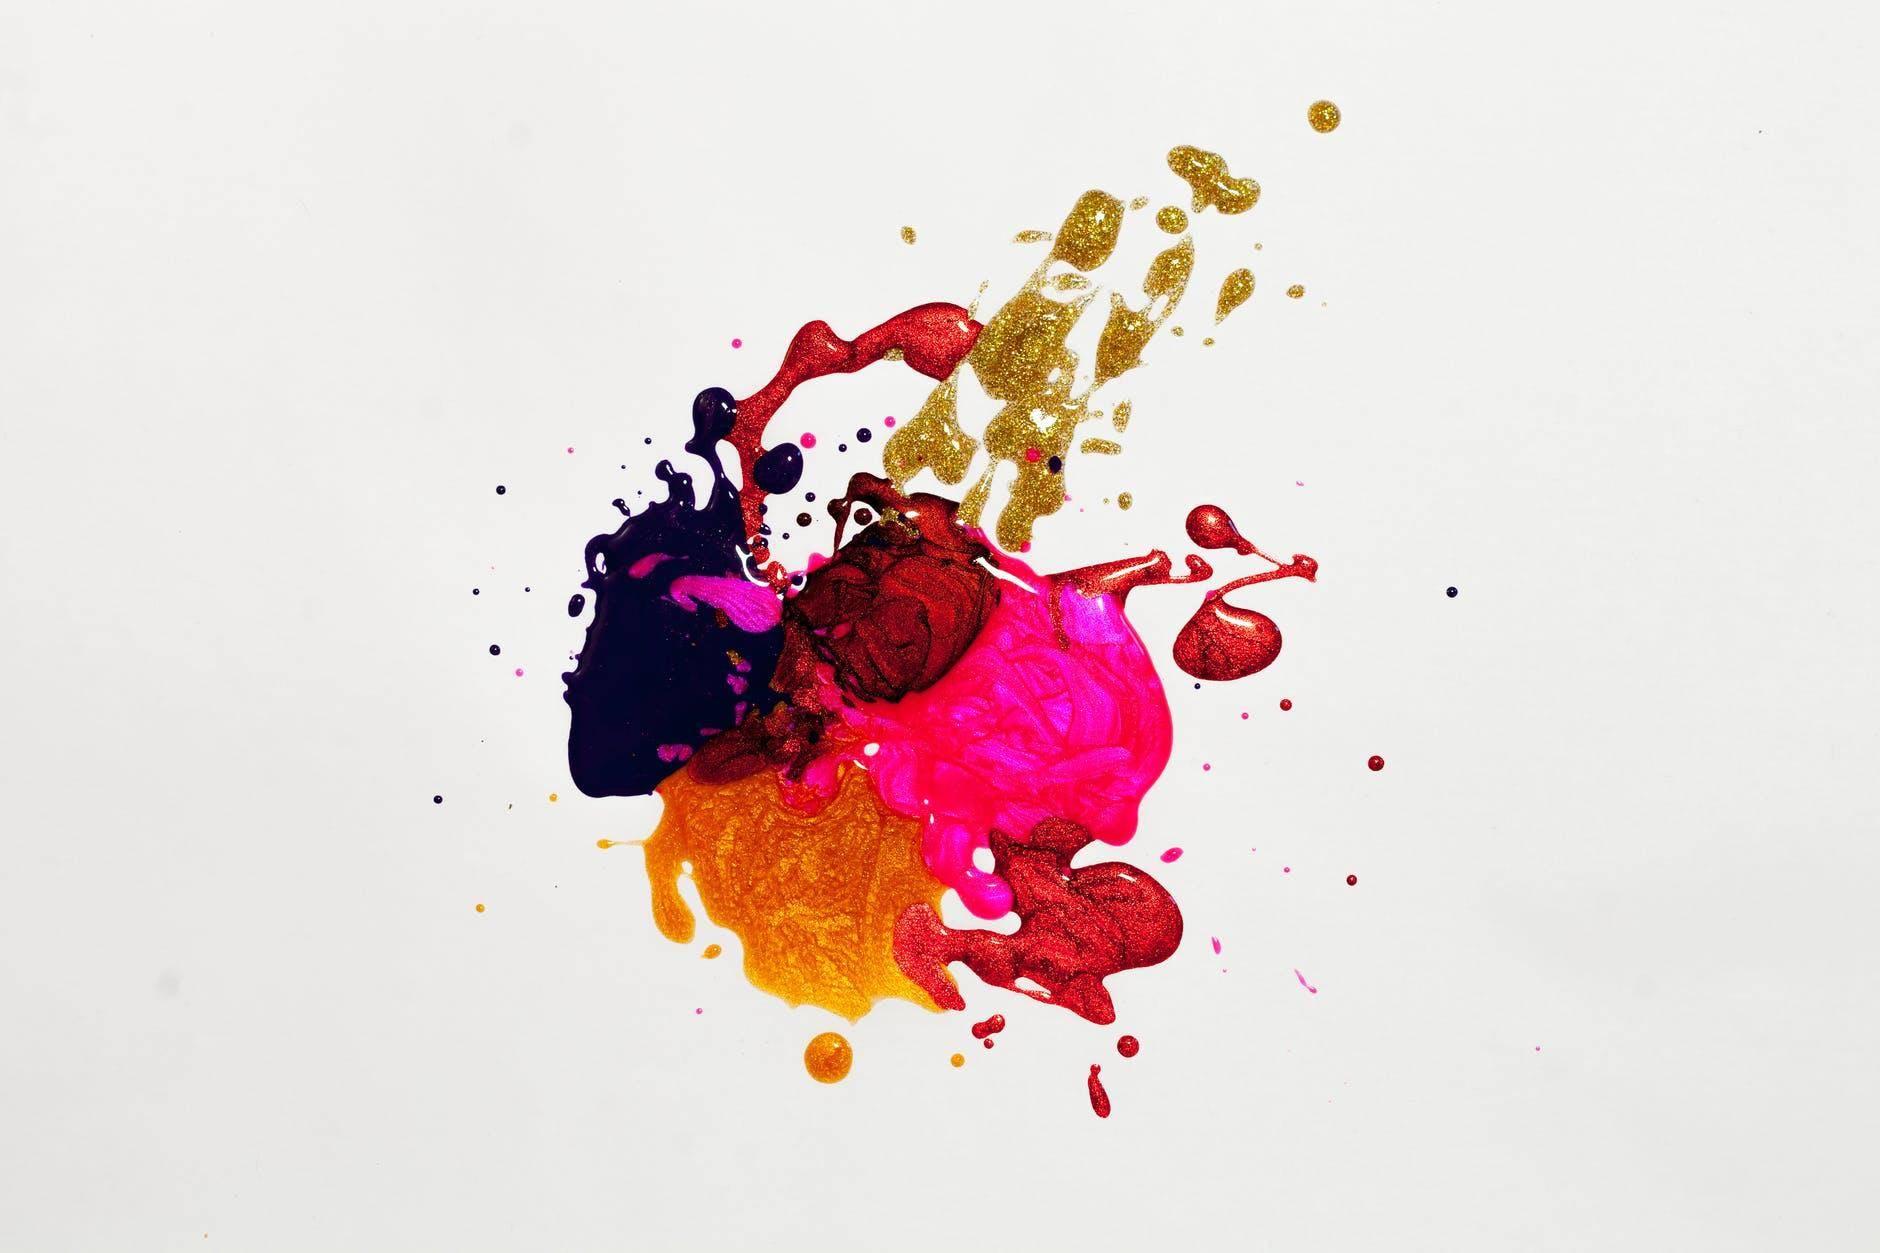 工作证设计配色分享 用这些颜色做出来的工作证最好看